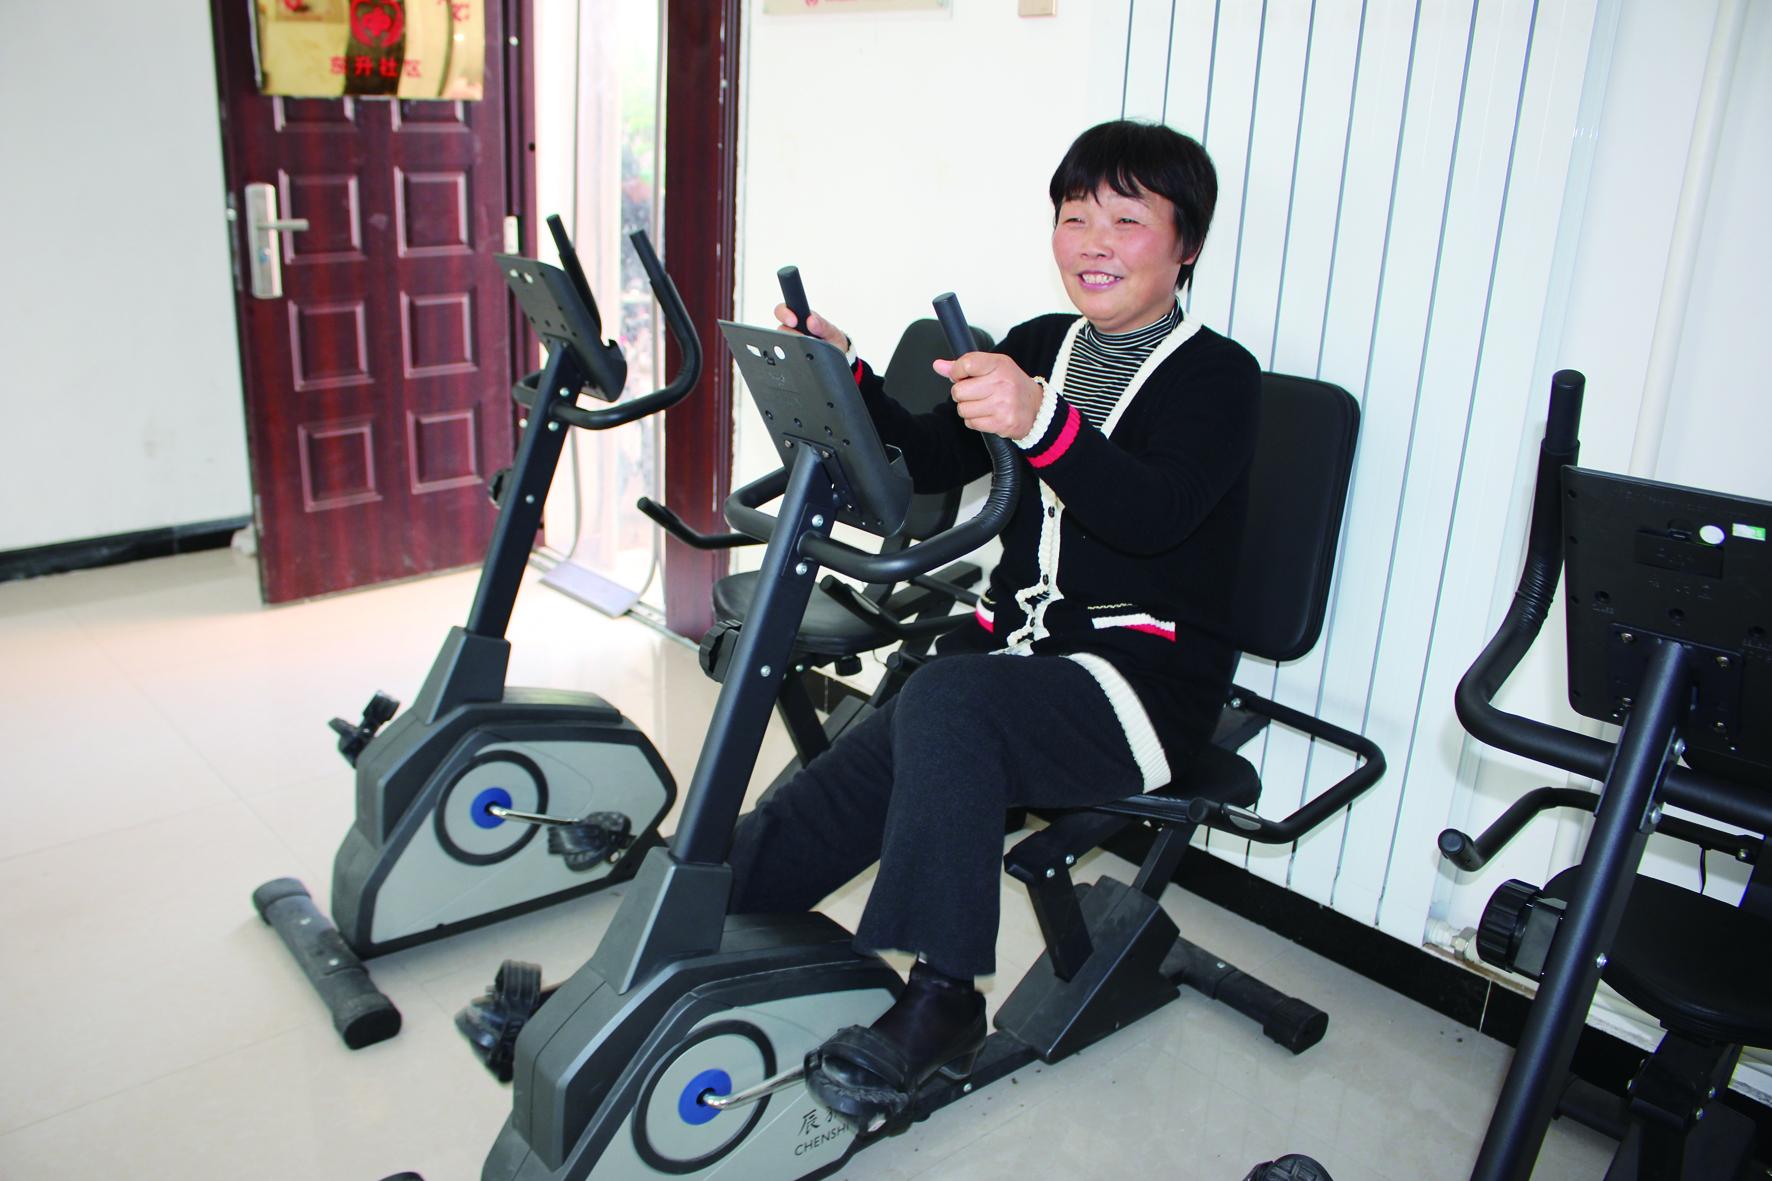 东升社区老年人日间照料中心,居民正在骑车健身。.jpg